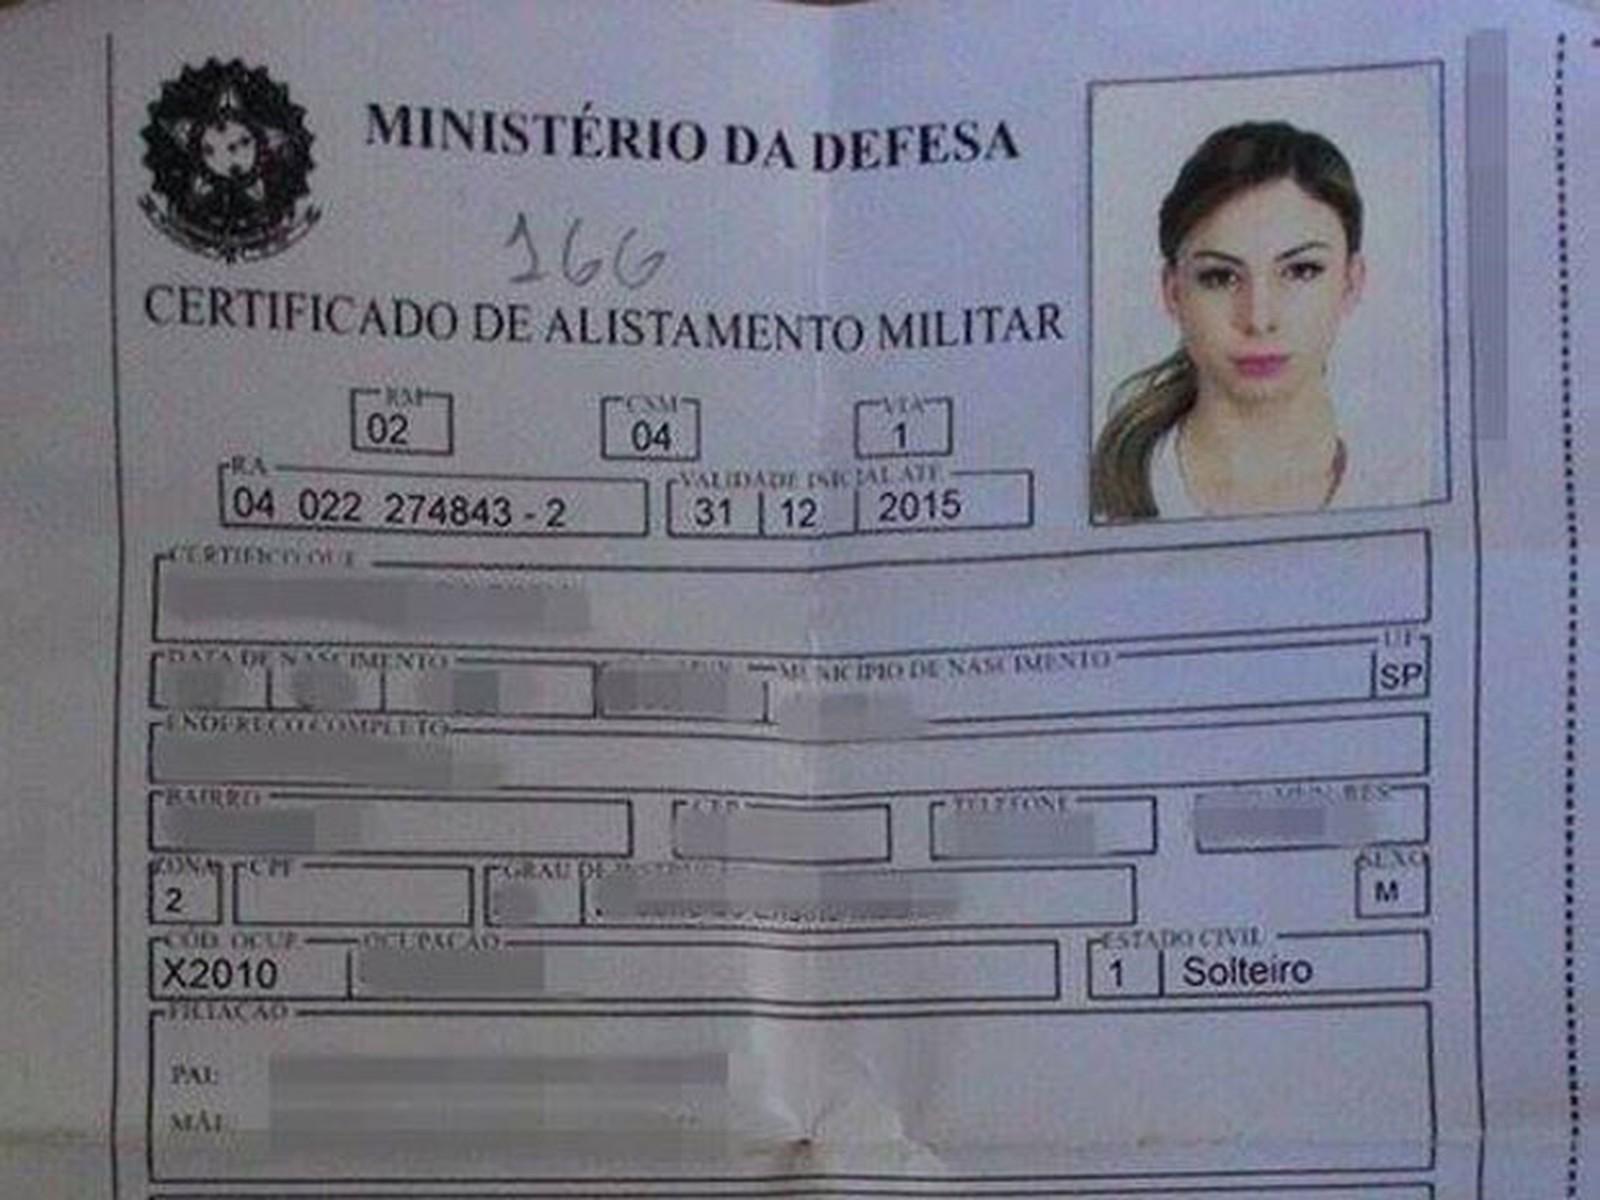 União é condenado a pagar R$ 60 mil a transexual vítima de homofobia após alistamento militar